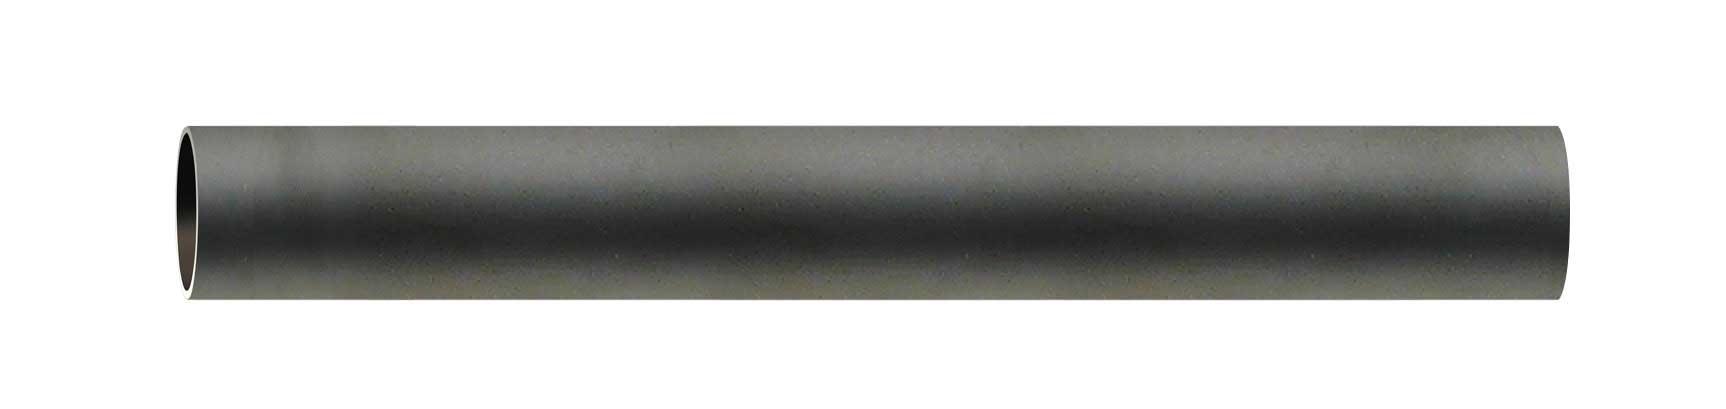 Tube nu en Fer Forgé Noir 2 m (Noir)